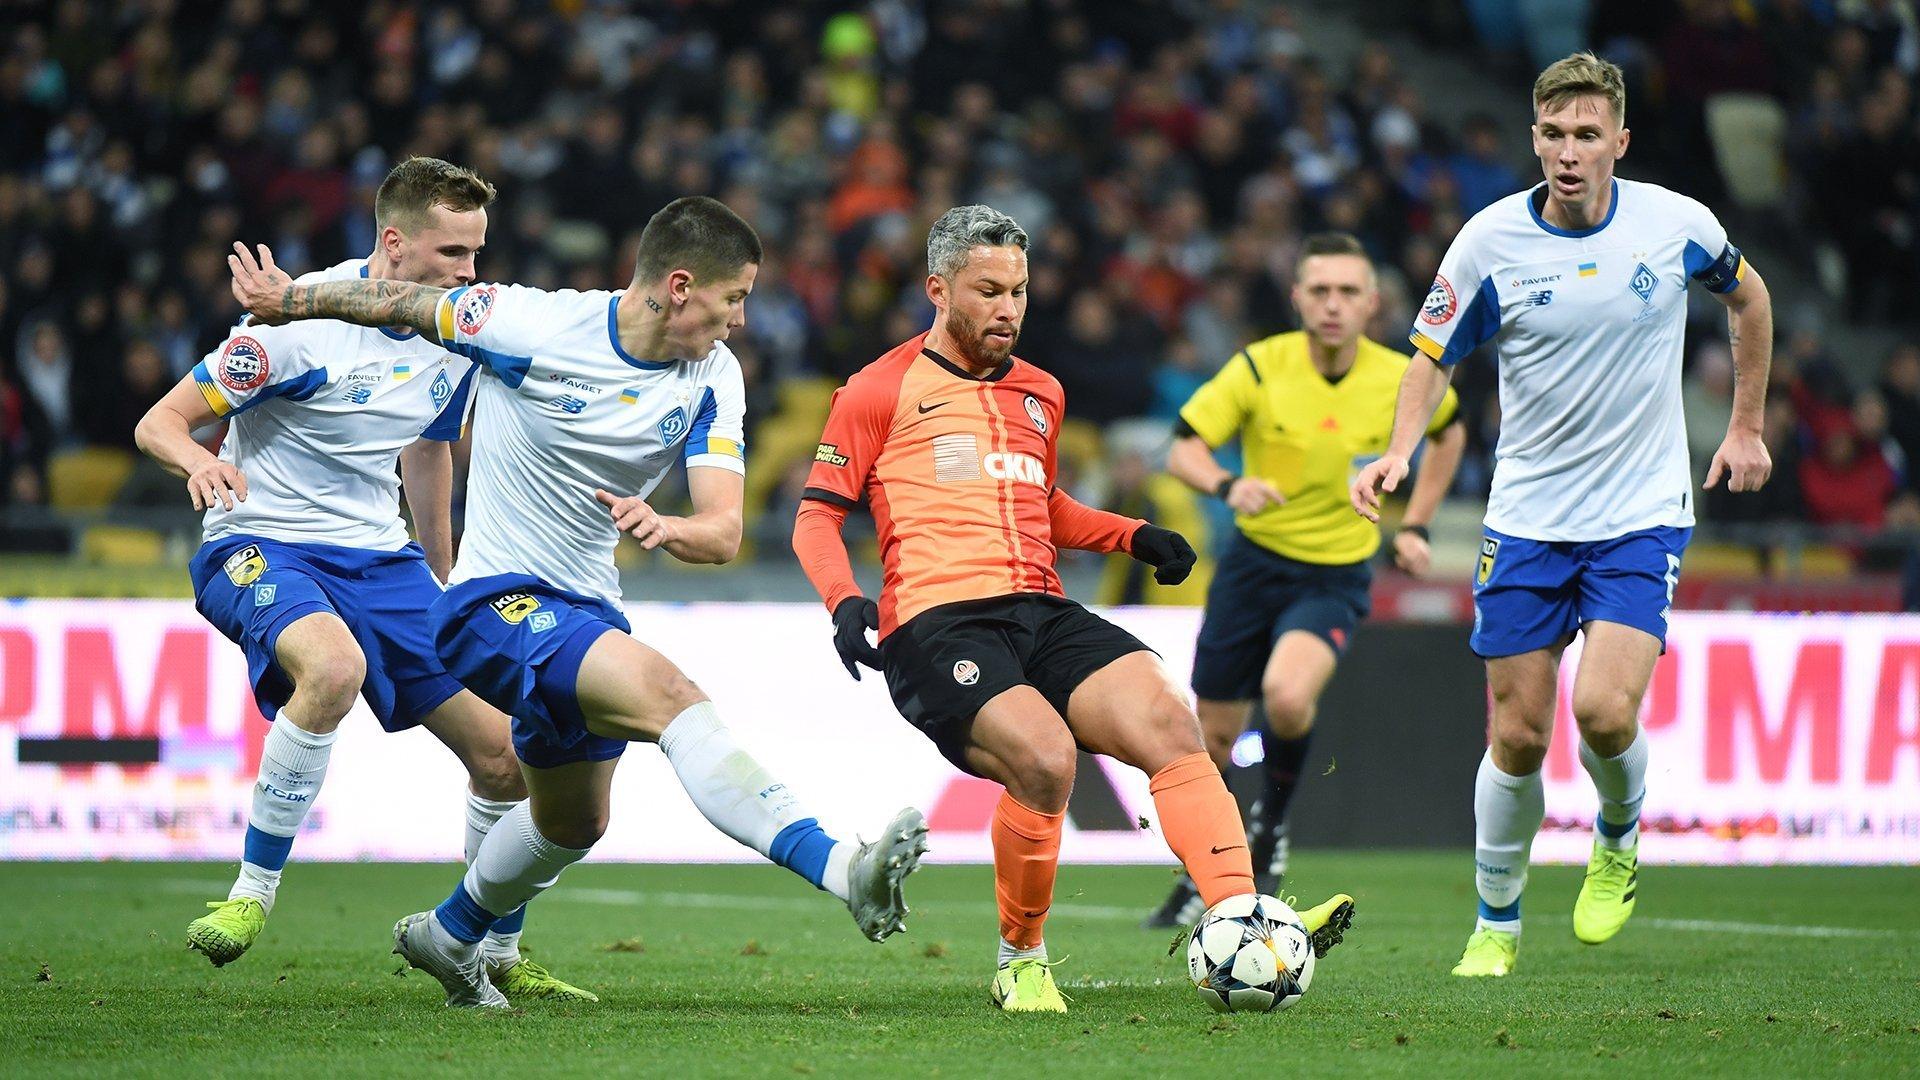 Европейский футбол на старте - кто готов рискнуть? - изображение 3